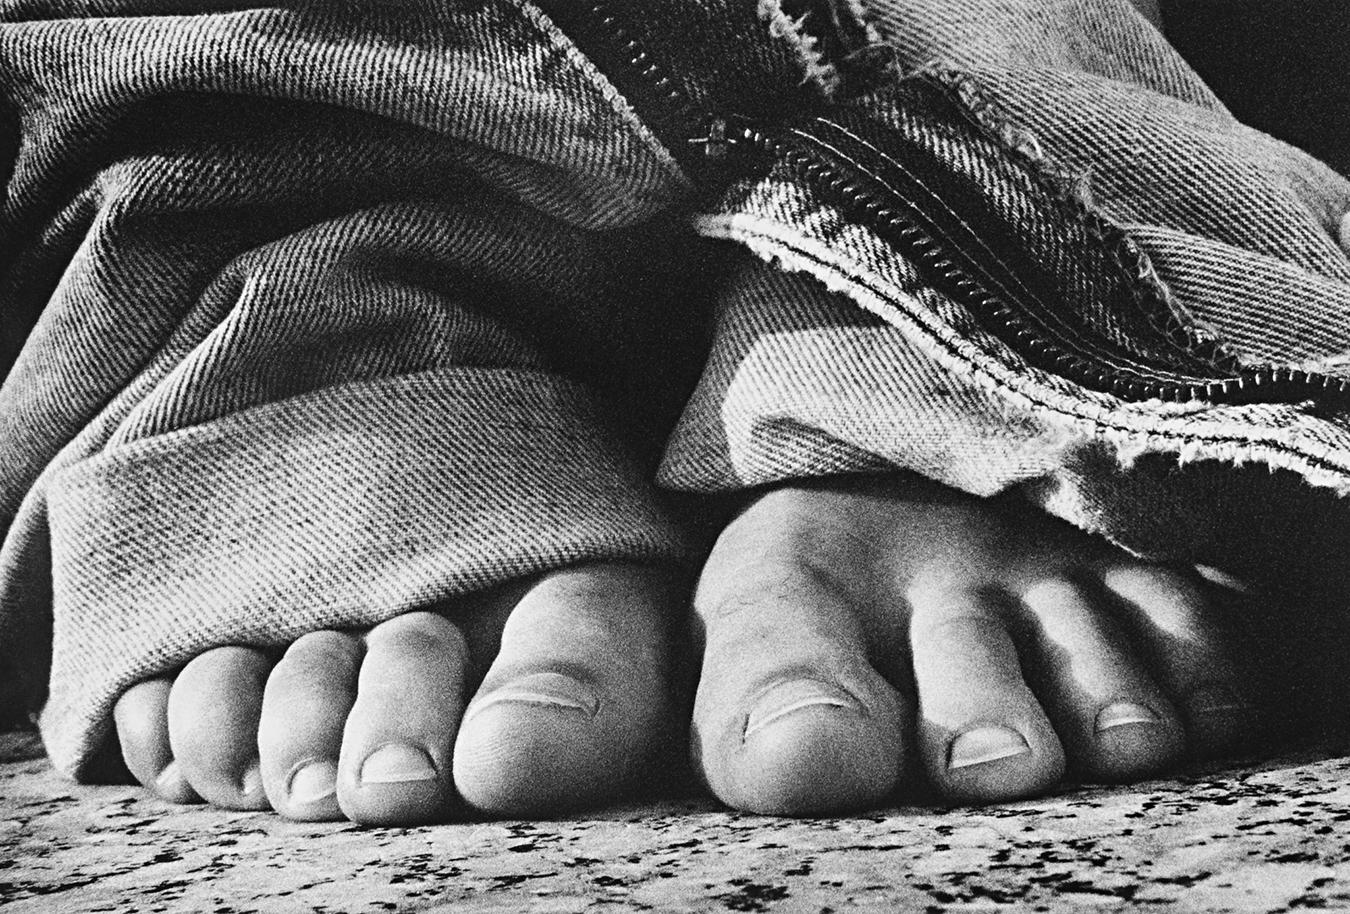 Tony_Ward_photography_early_work_portfolio_classics_jeans_feet